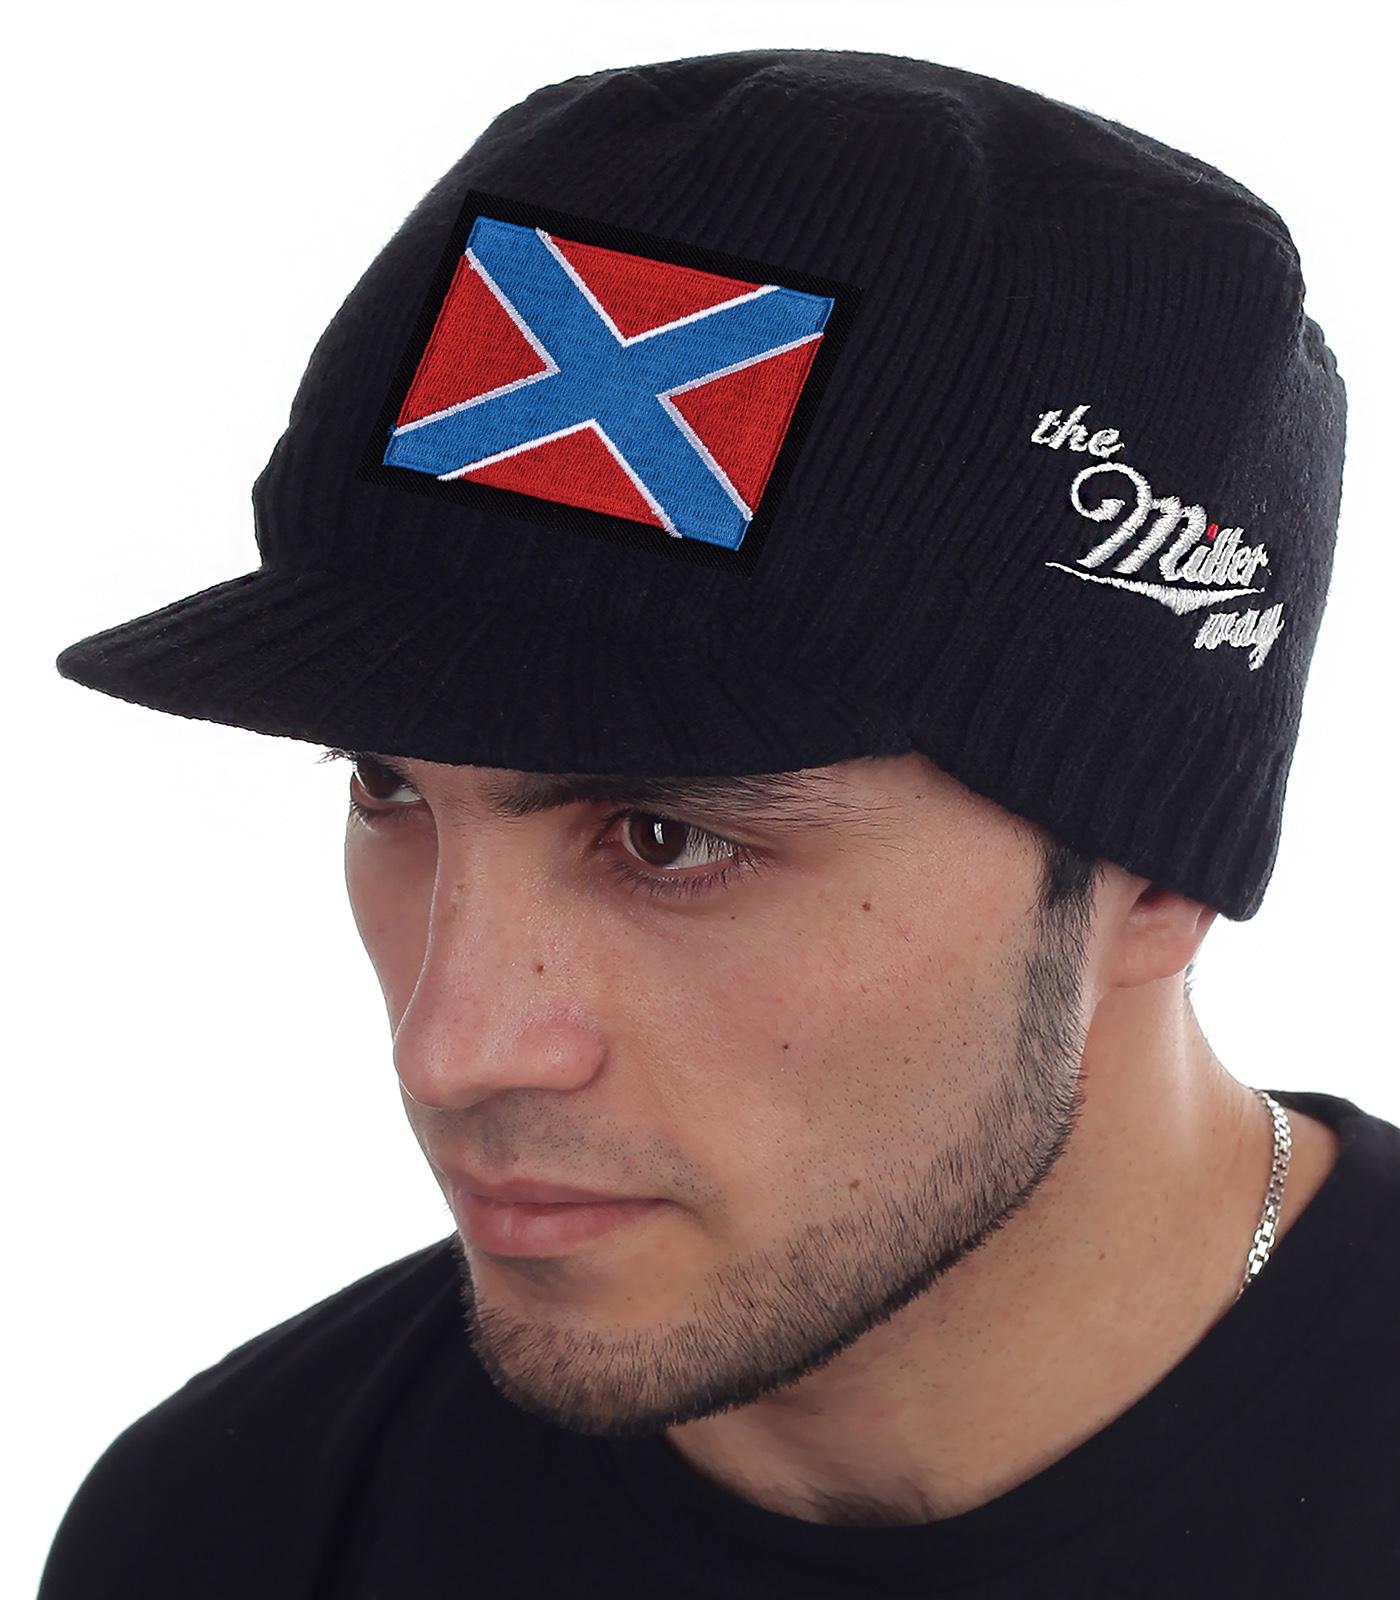 Мужская шапка Miller Way с козырьком и нашивкой в виде боевого знамя Новороссии. Фасон осень-зима плотно облегает голову, закрывает уши, защищает глаза от ветра и осадков